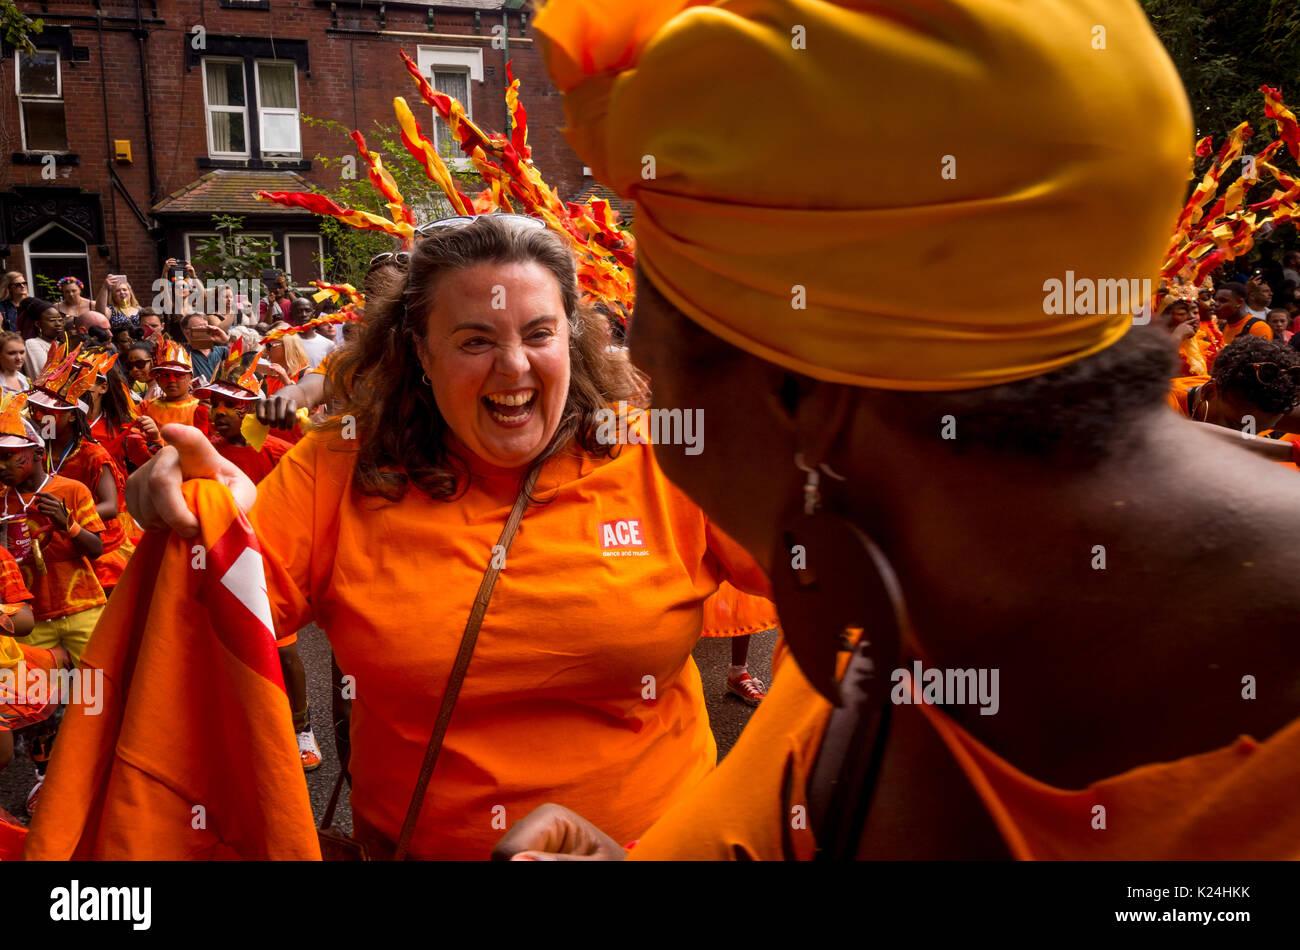 Leeds, UK. 28 août, 2017. Le 50e Leeds West Indian Carnival à Potternewton Park. Le carnaval a été la première au Royaume-Uni, en 1967, d'intégrer les trois éléments essentiels de l'Ouest authentique Indian carnaval - costumes, musique et d'une mascarade procession - c'est l'Europe le plus ancien défilé de carnaval des Caraïbes. L'événement comporte une procession colorée dans les rues, de la musique live et un stade de l'alimentation de rue et s'adresse à tous les âges et les cultures. Bailey-Cooper Photo Photography/Alamy Live News Photo Stock